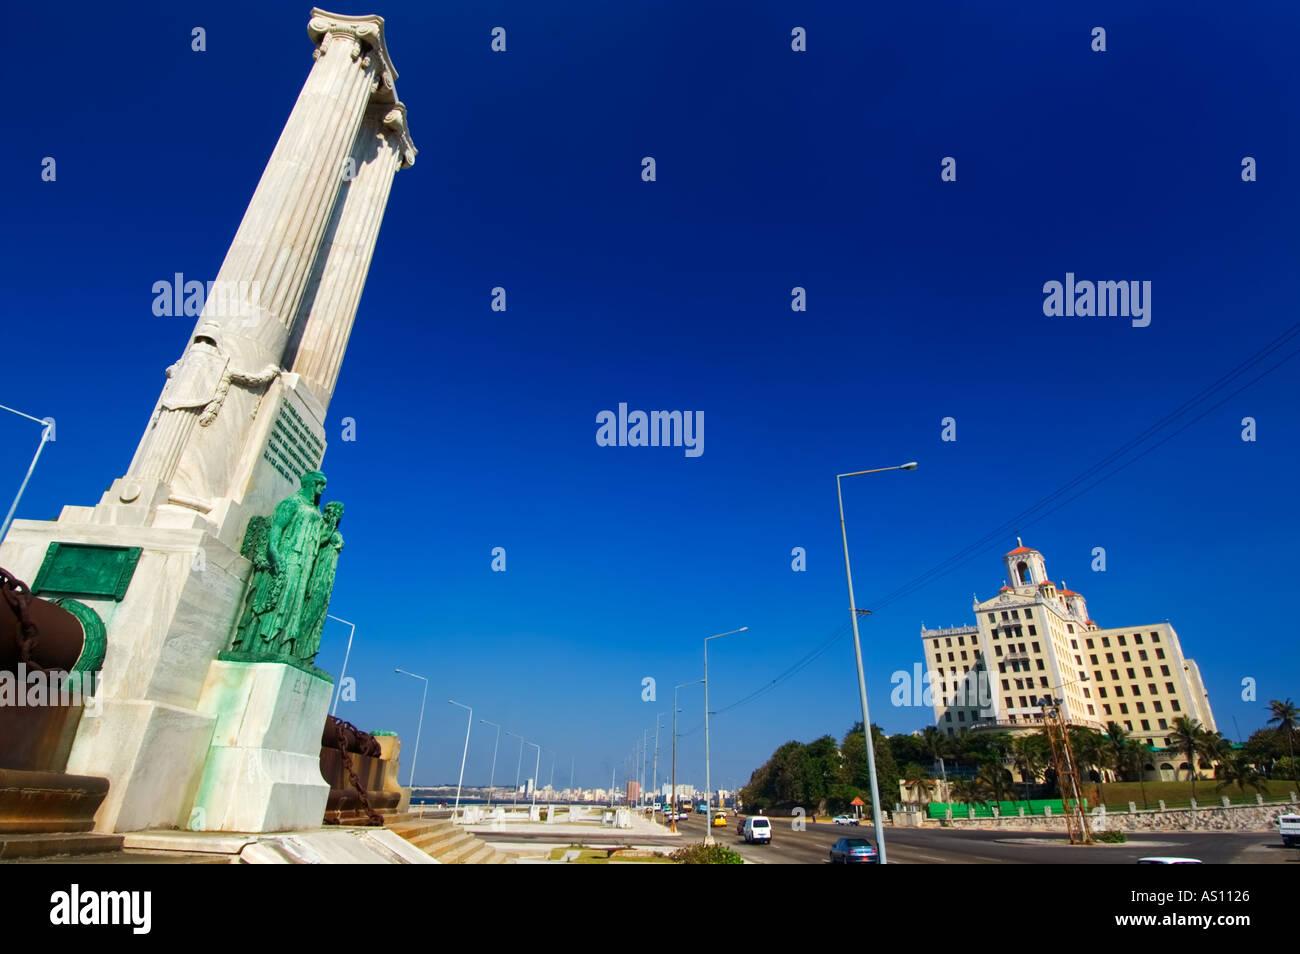 Memorial a las victimas del maine hotel nacional vedado havana la habana cuba greater antilles caribbean